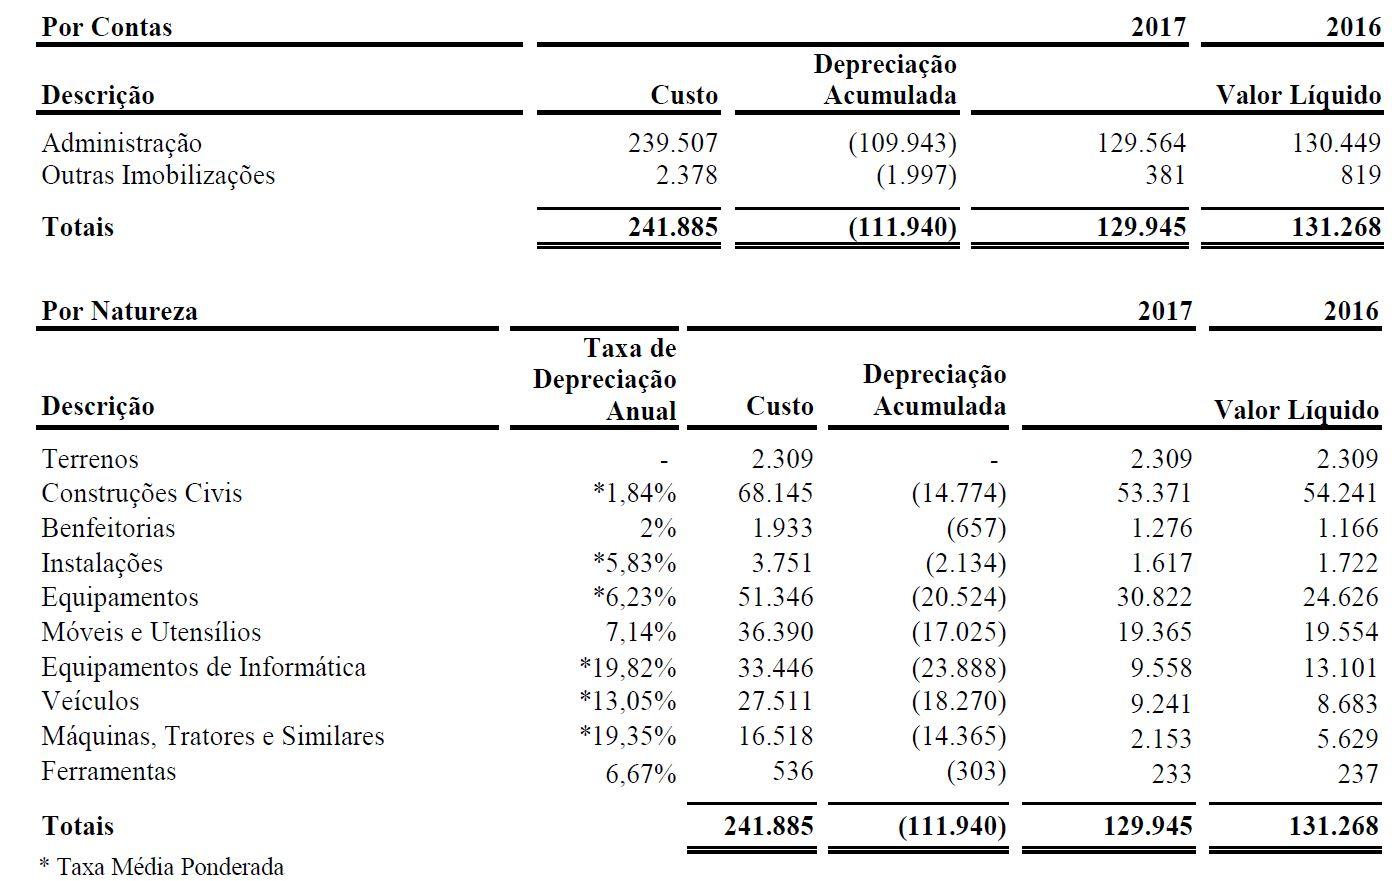 Depreciação acumulada - Sanepar